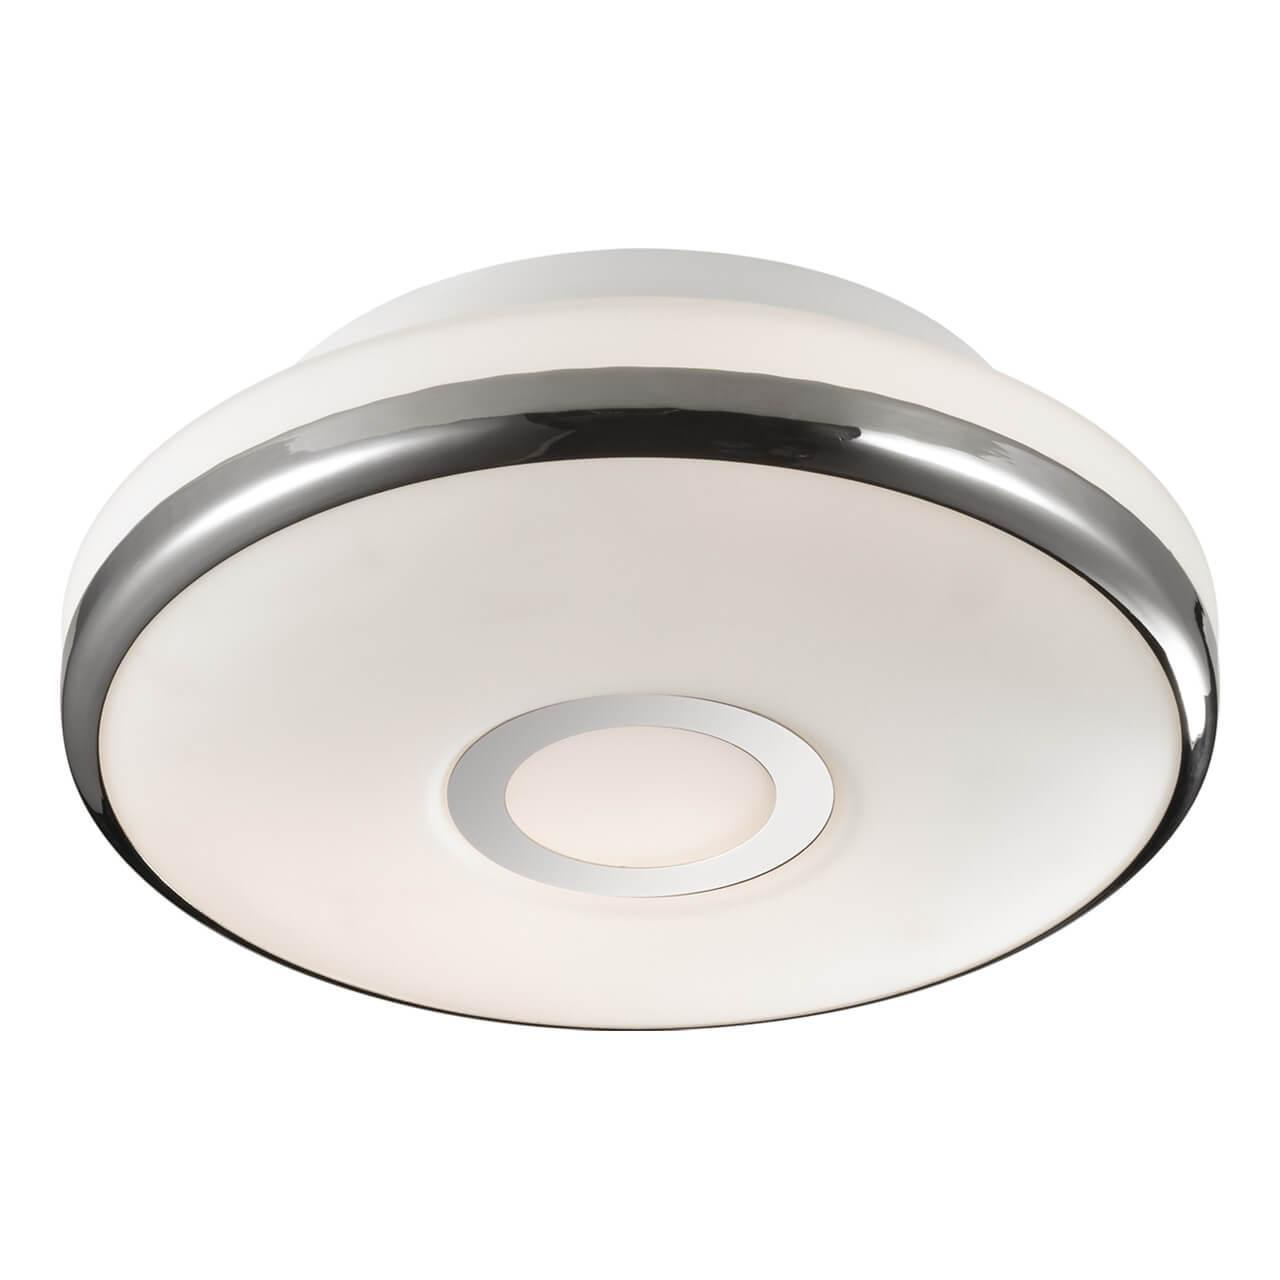 Накладной светильник Odeon Light 2401/1C, E27, 60 Вт